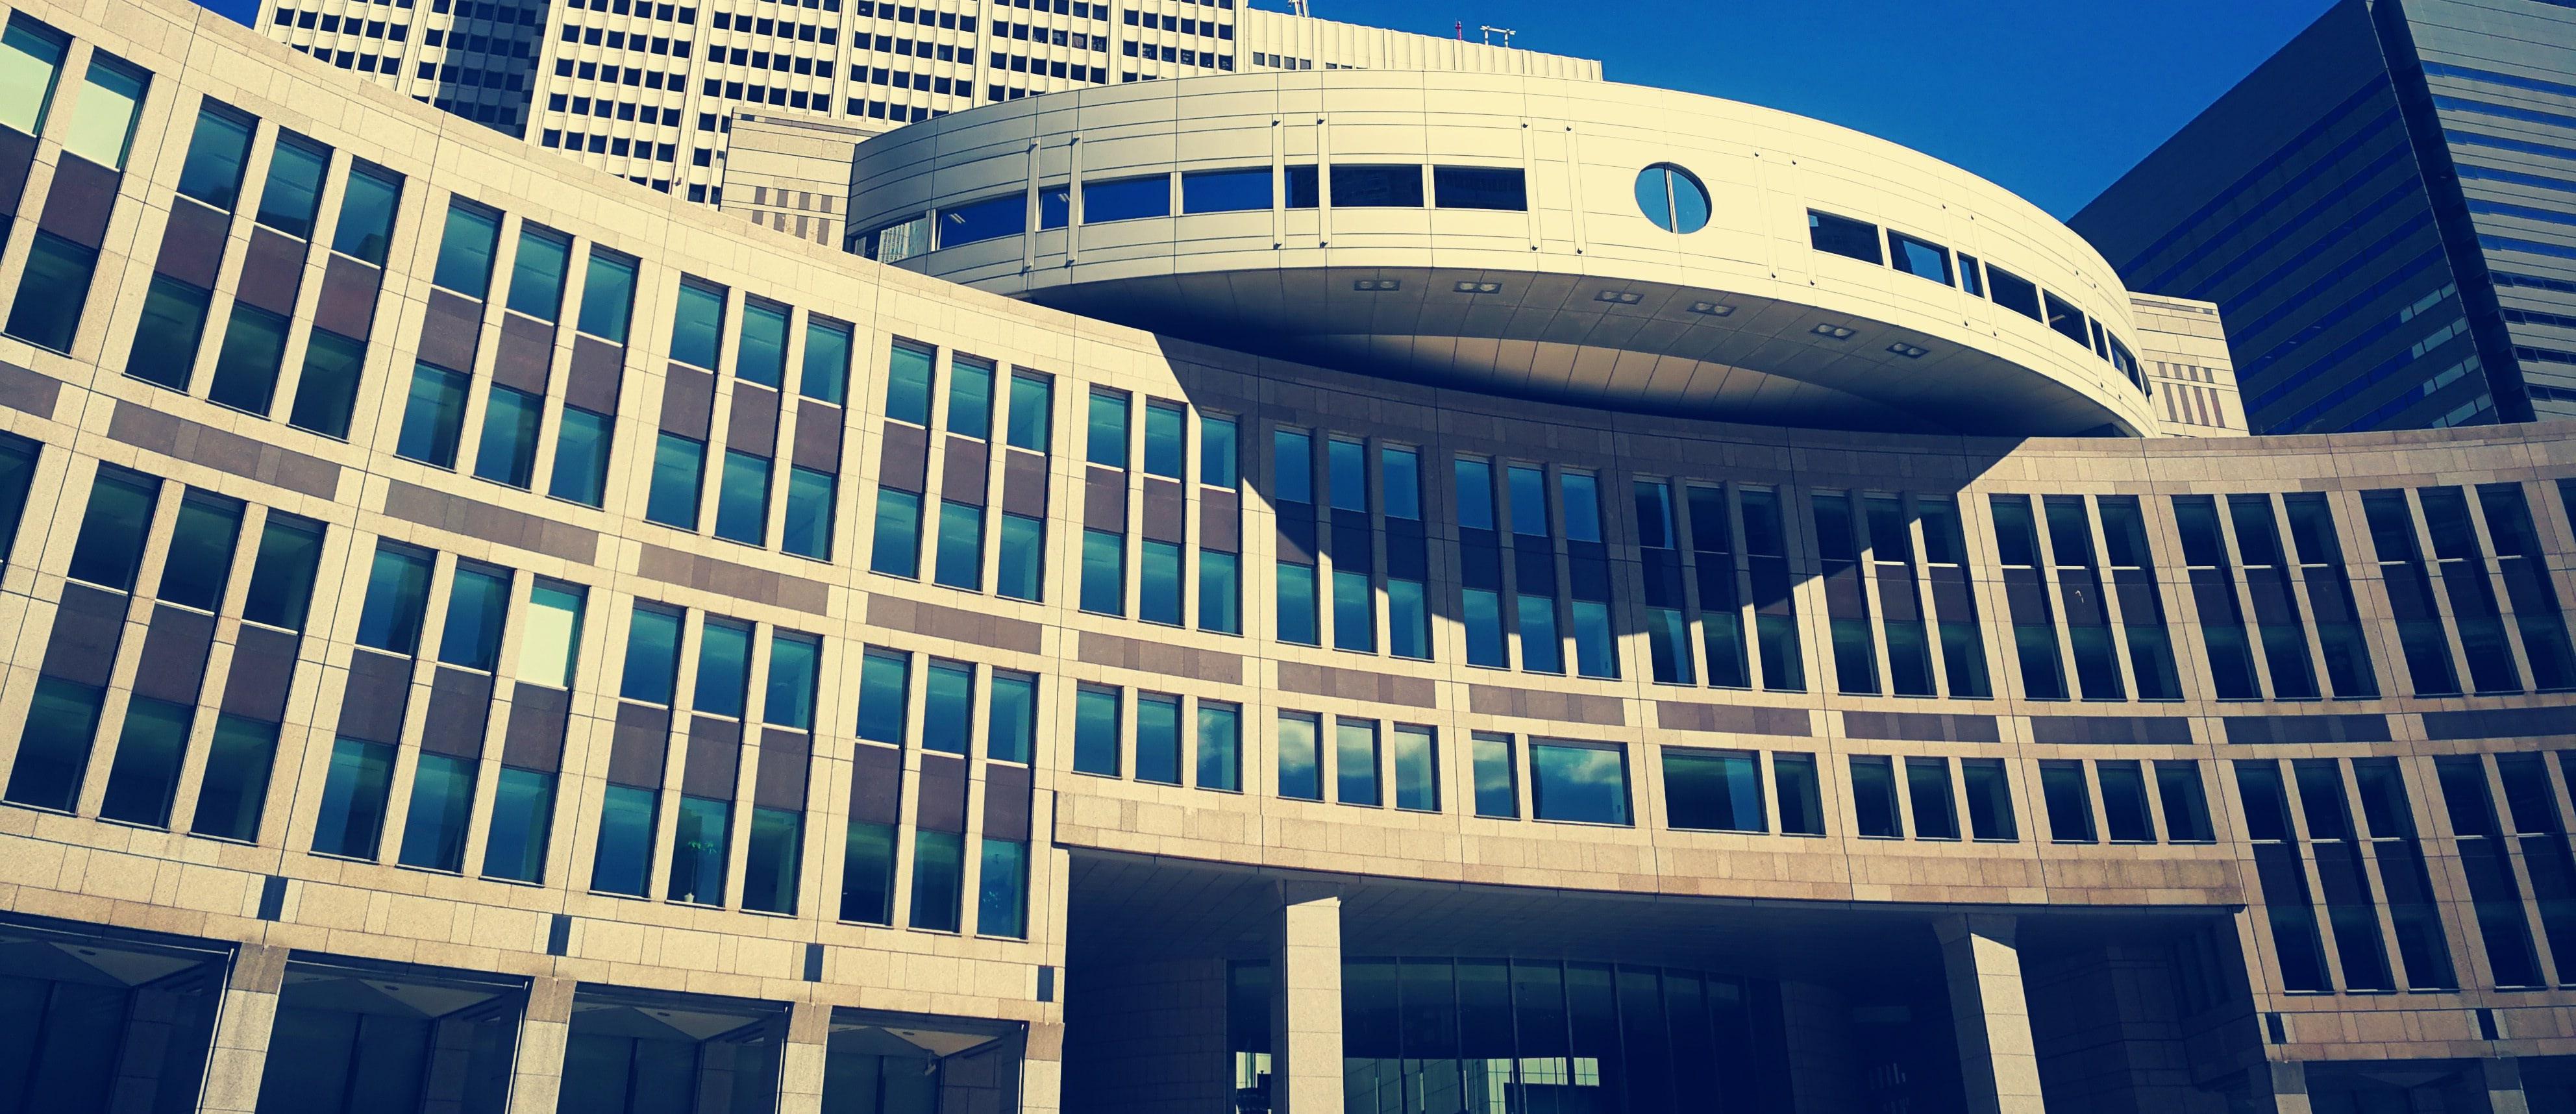 Министерство финансов Японии признало факт злоупотребления связанного с продажей гос. земли